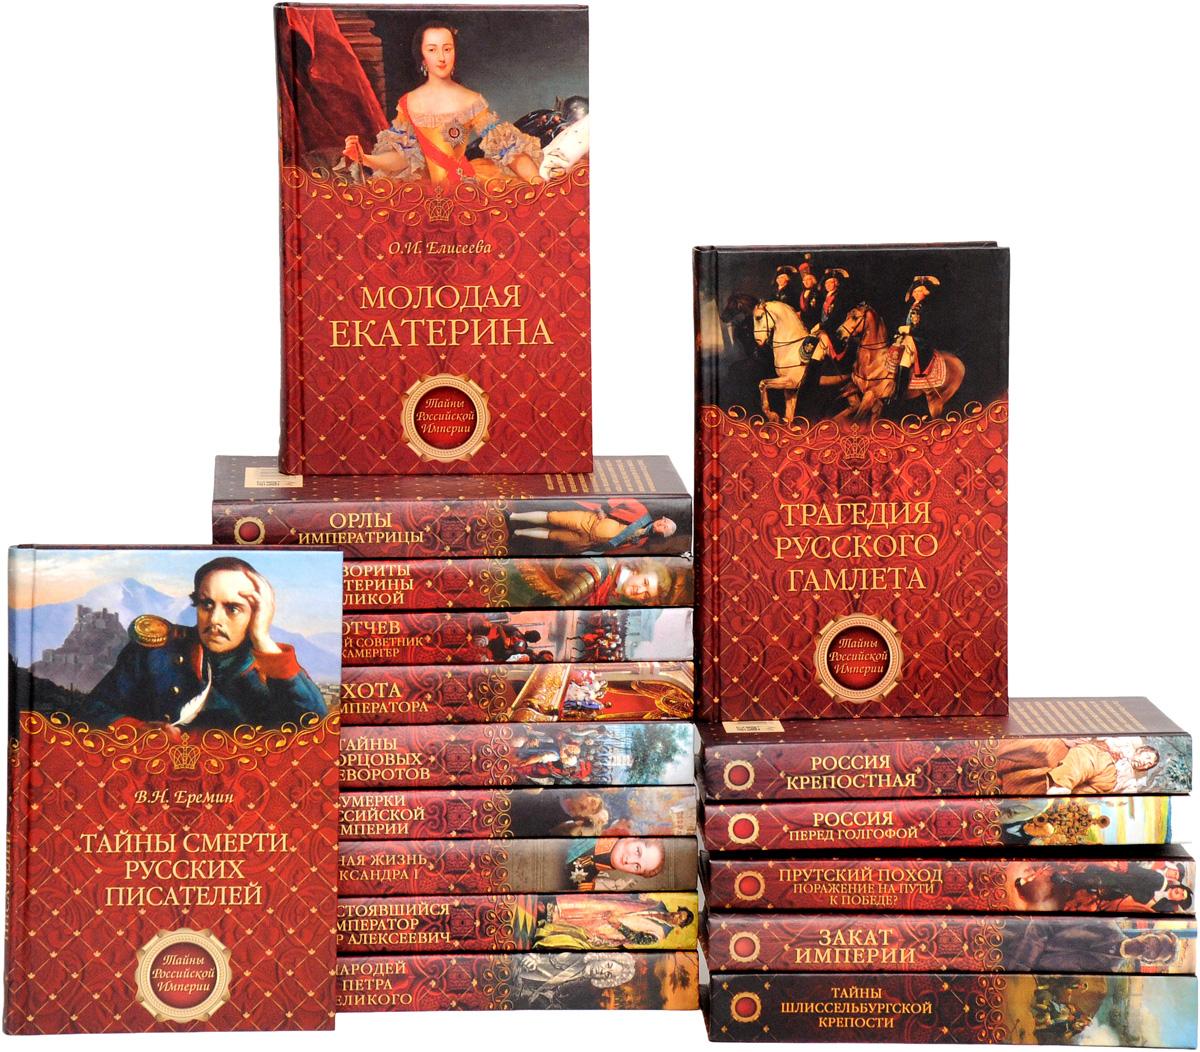 Тайны российской империи (комплект из 17 книг)